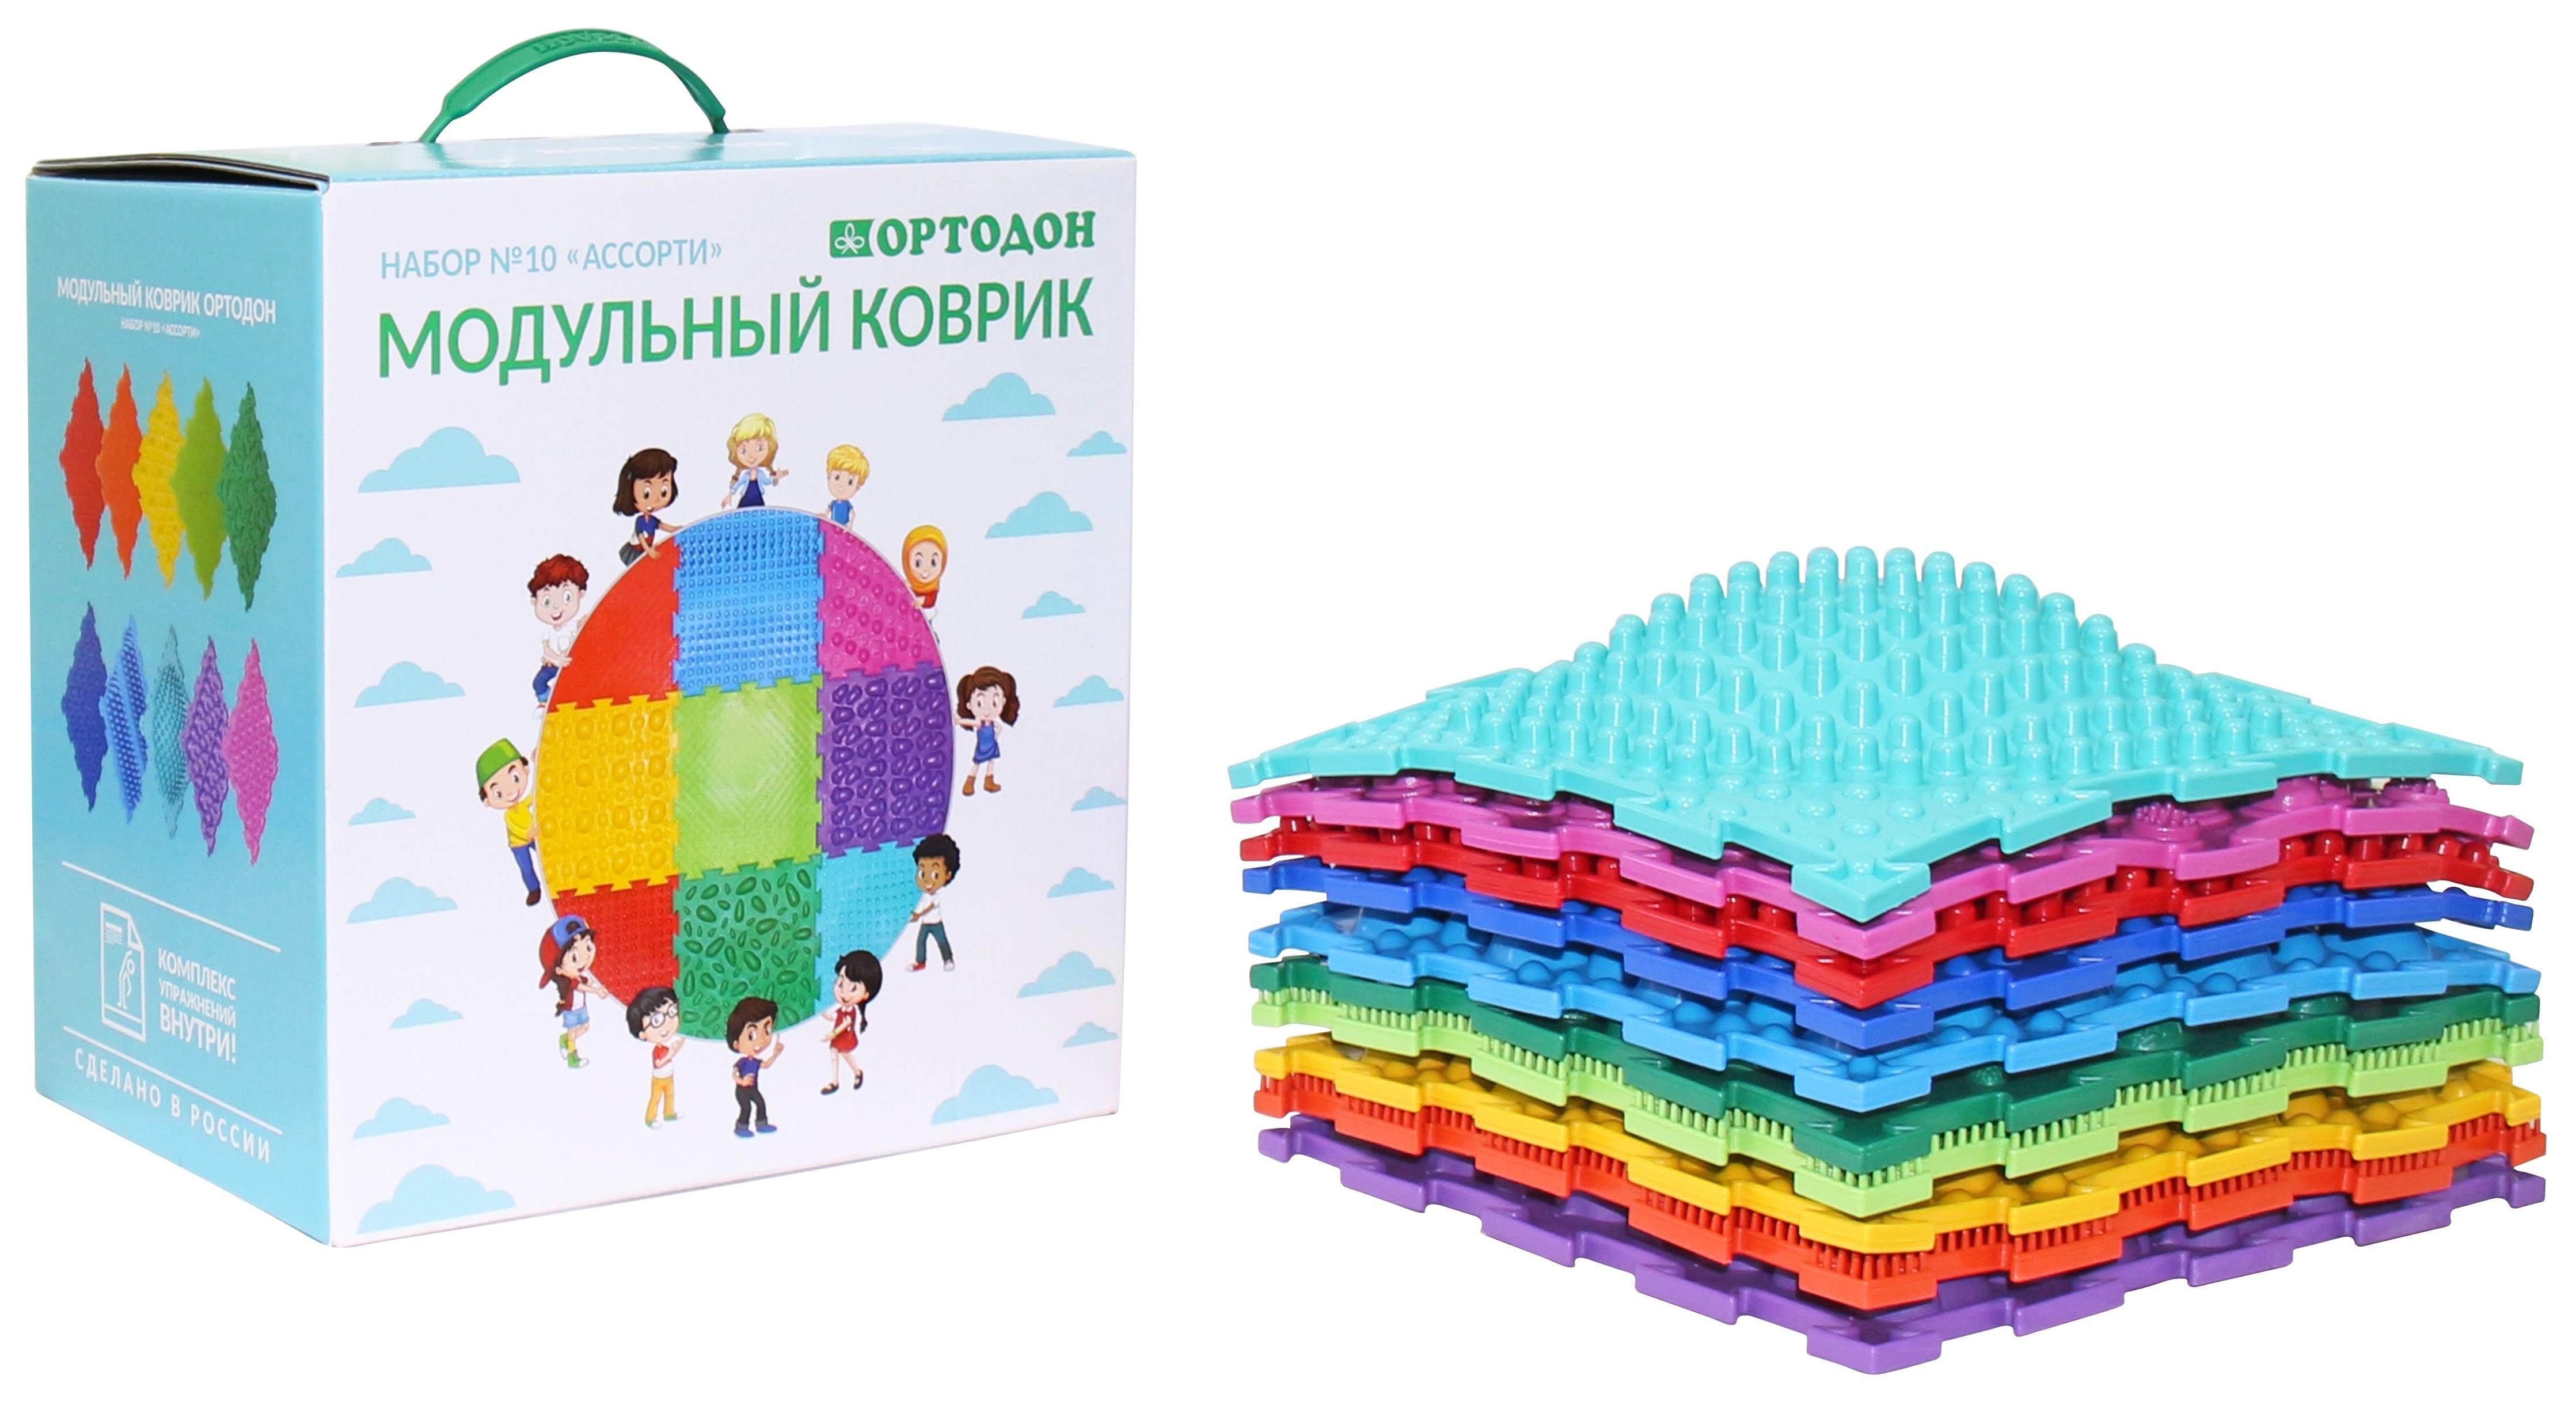 Купить Модульный коврик ОРТОДОН Набор №10 Ассорти, Ортодон,